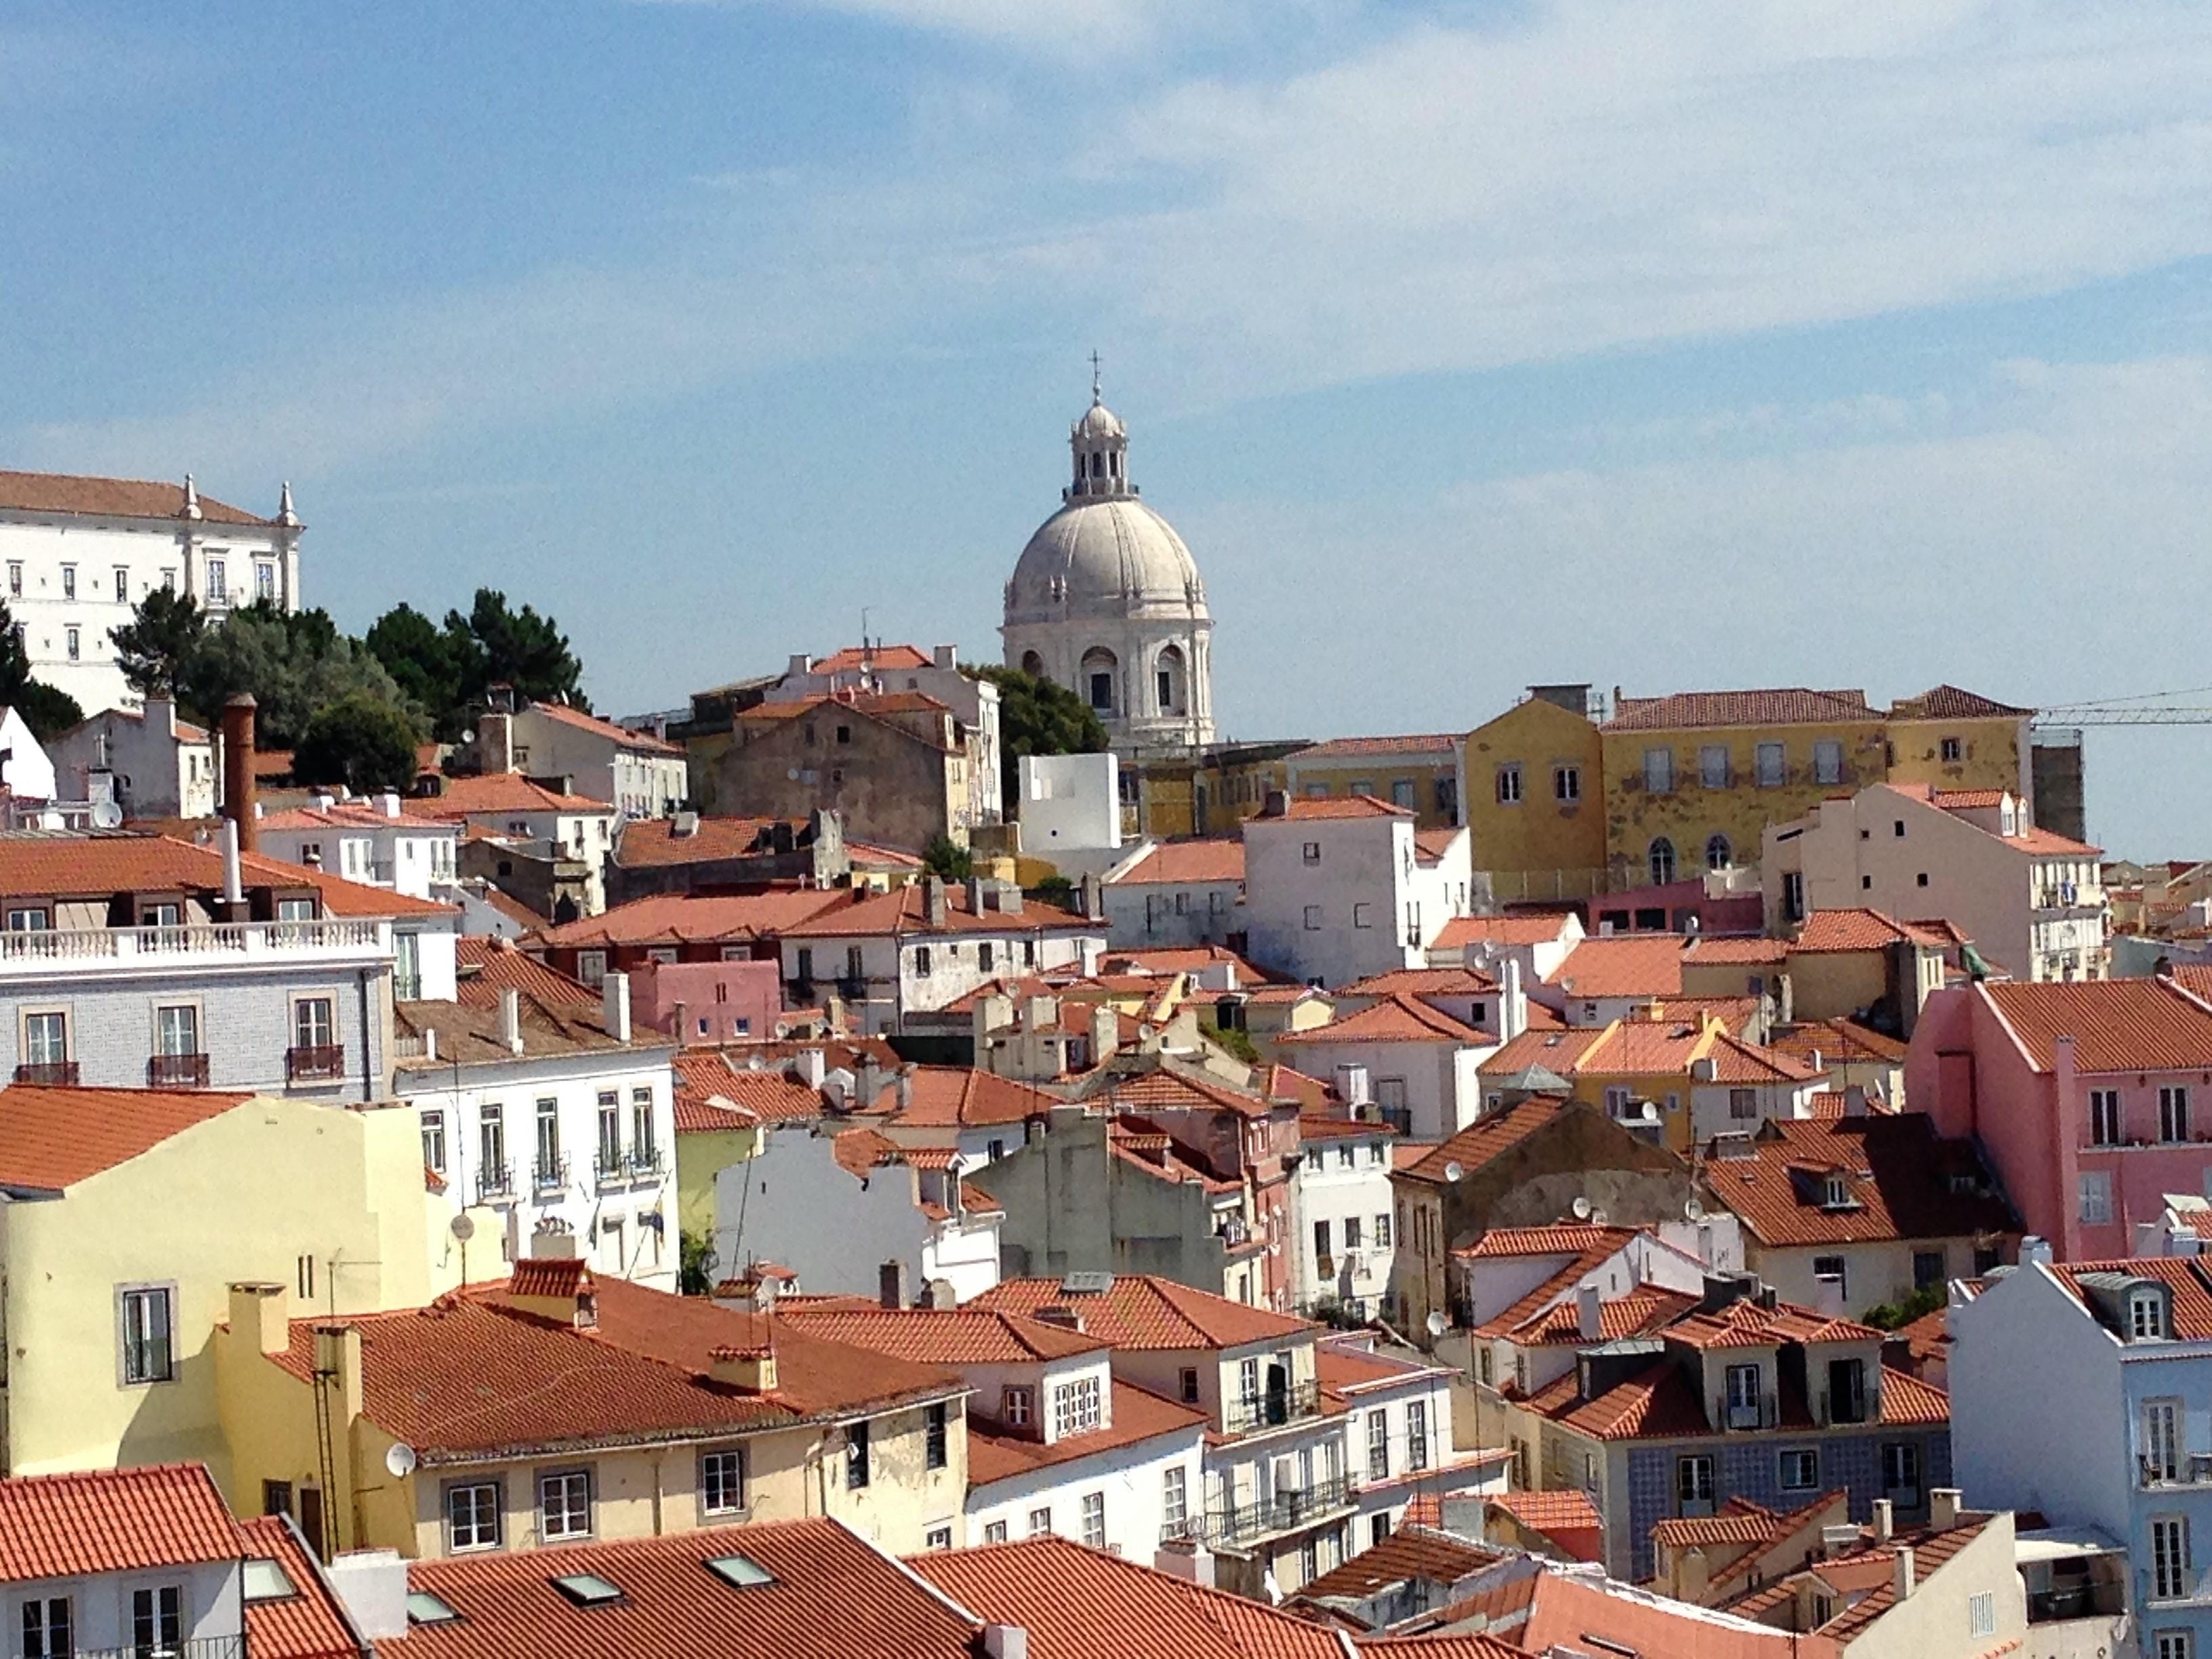 Maison colorées lisbonne 2 jours à Lisbonne